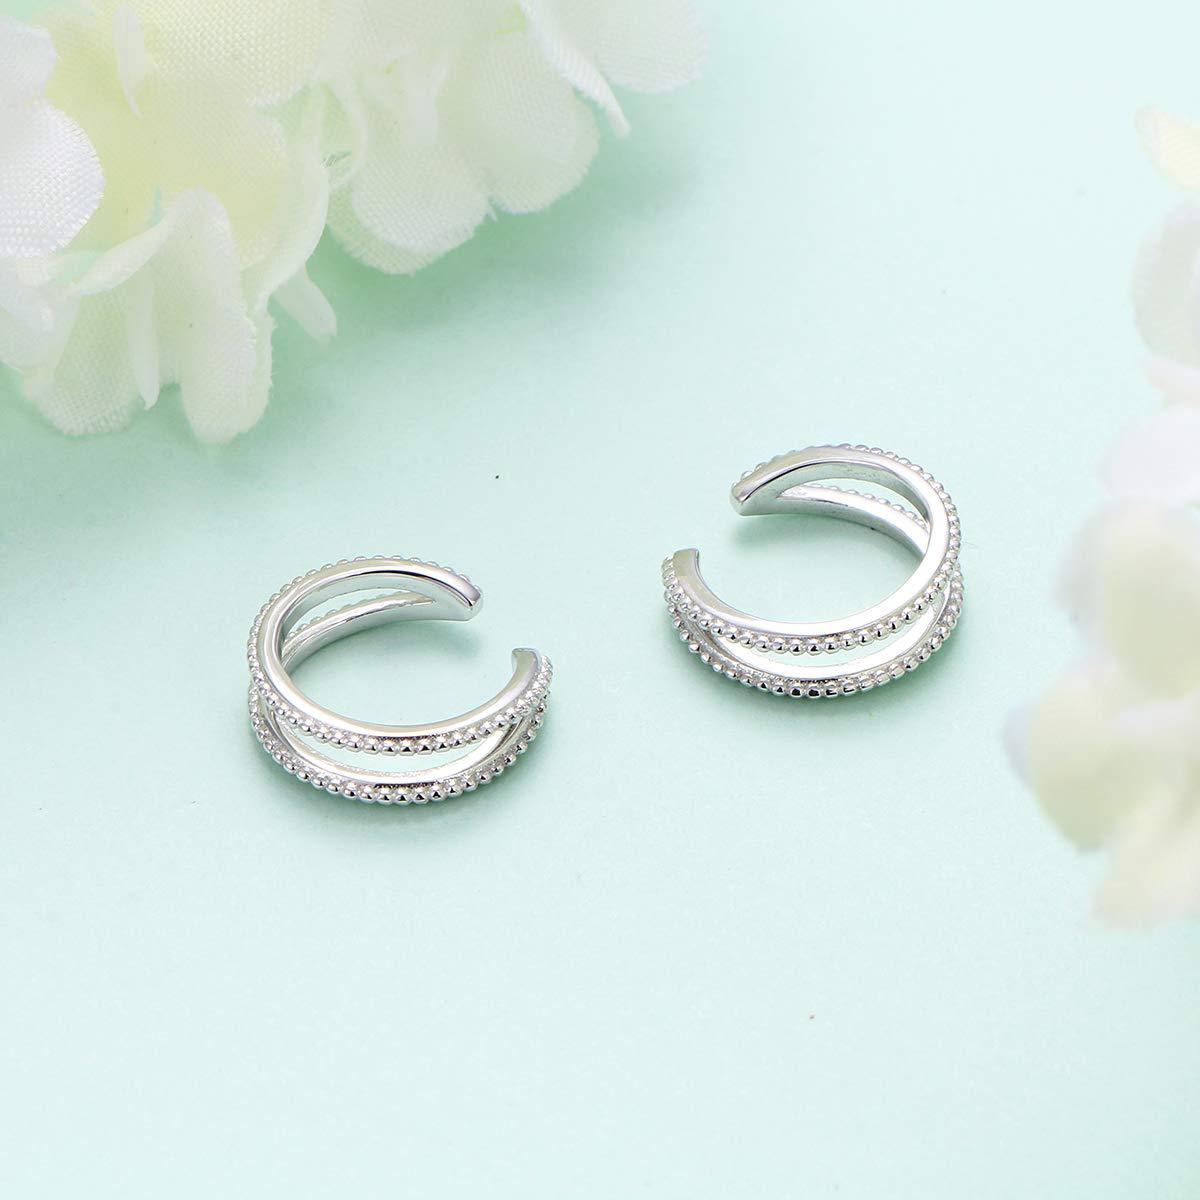 Set of 2 925 Sterling Silver Ear Cuff Non Pierced Cuffs Hoop Huggie Earrings for Women Girls